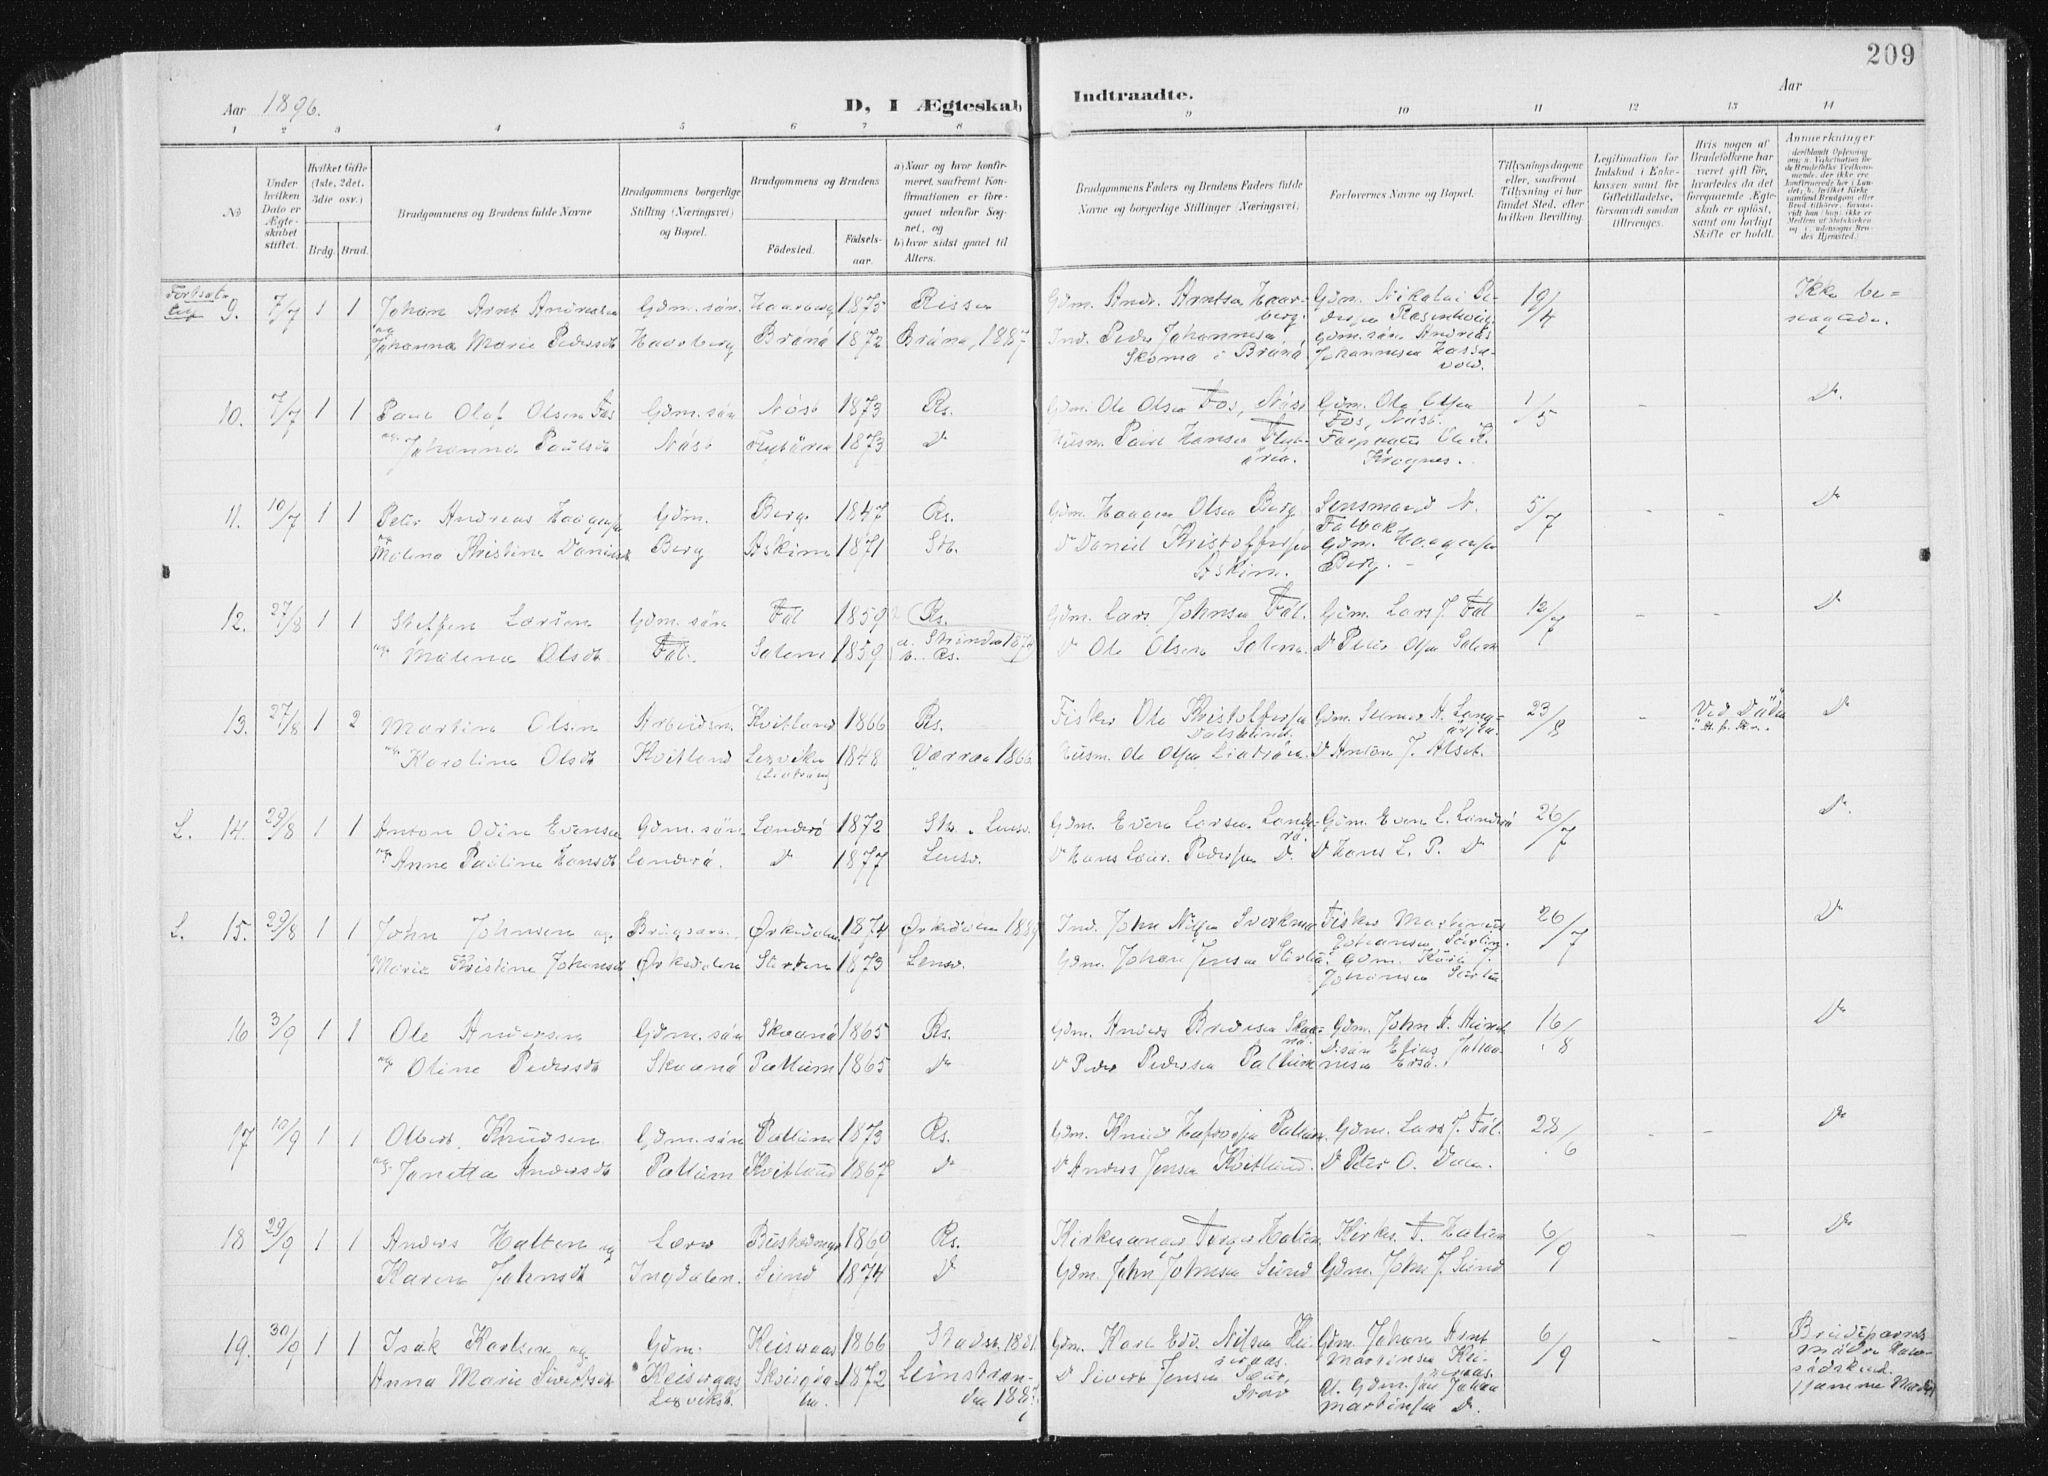 SAT, Ministerialprotokoller, klokkerbøker og fødselsregistre - Sør-Trøndelag, 647/L0635: Ministerialbok nr. 647A02, 1896-1911, s. 209